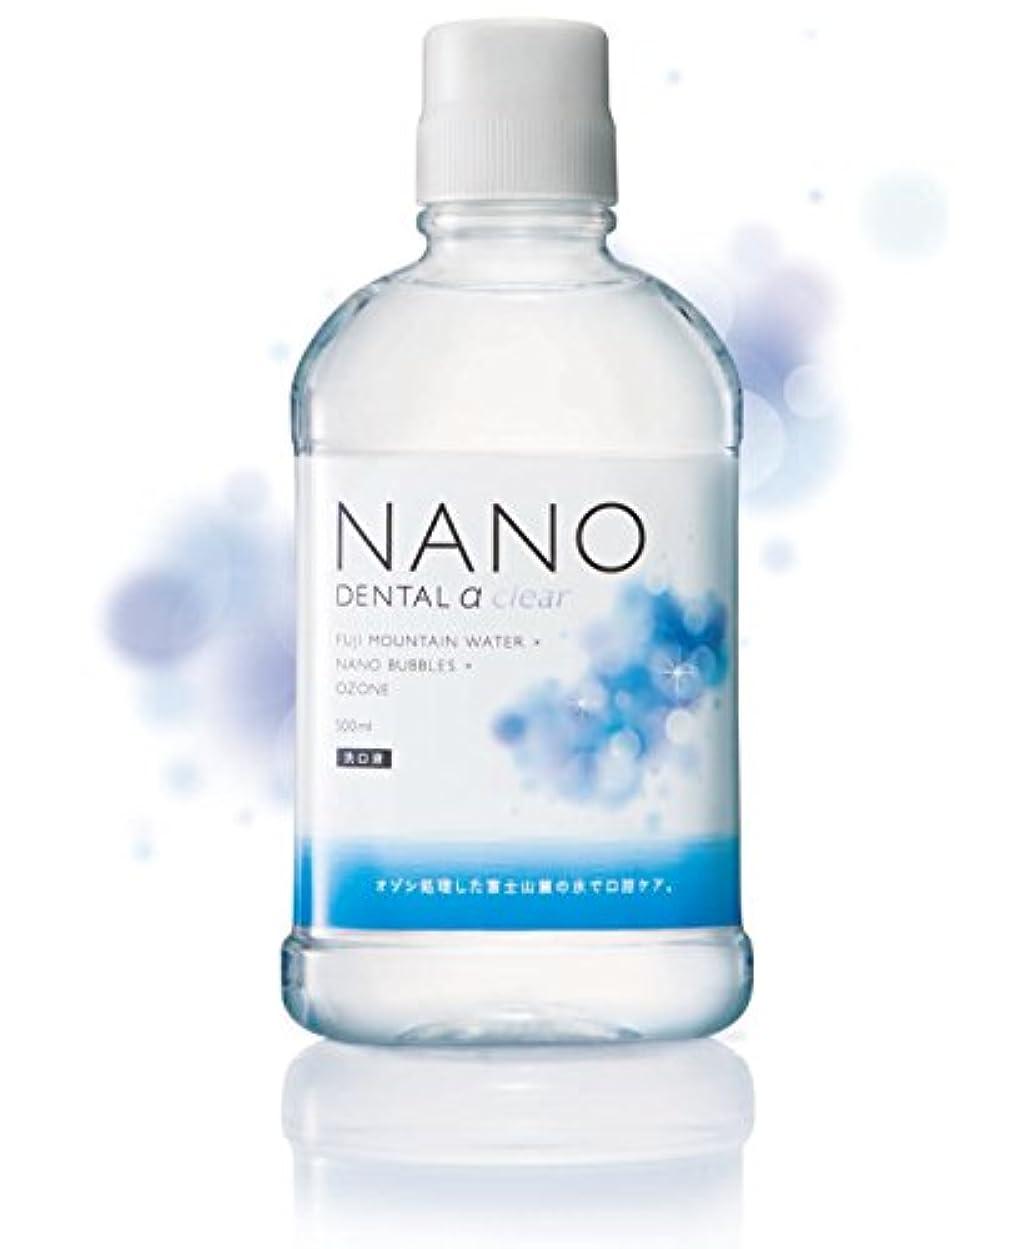 雇ったセール真実に無添加! ナノデンタルアルファ クリア NANODENTALα Clear 500mL オゾンナノバブルで歯周病?口臭予防